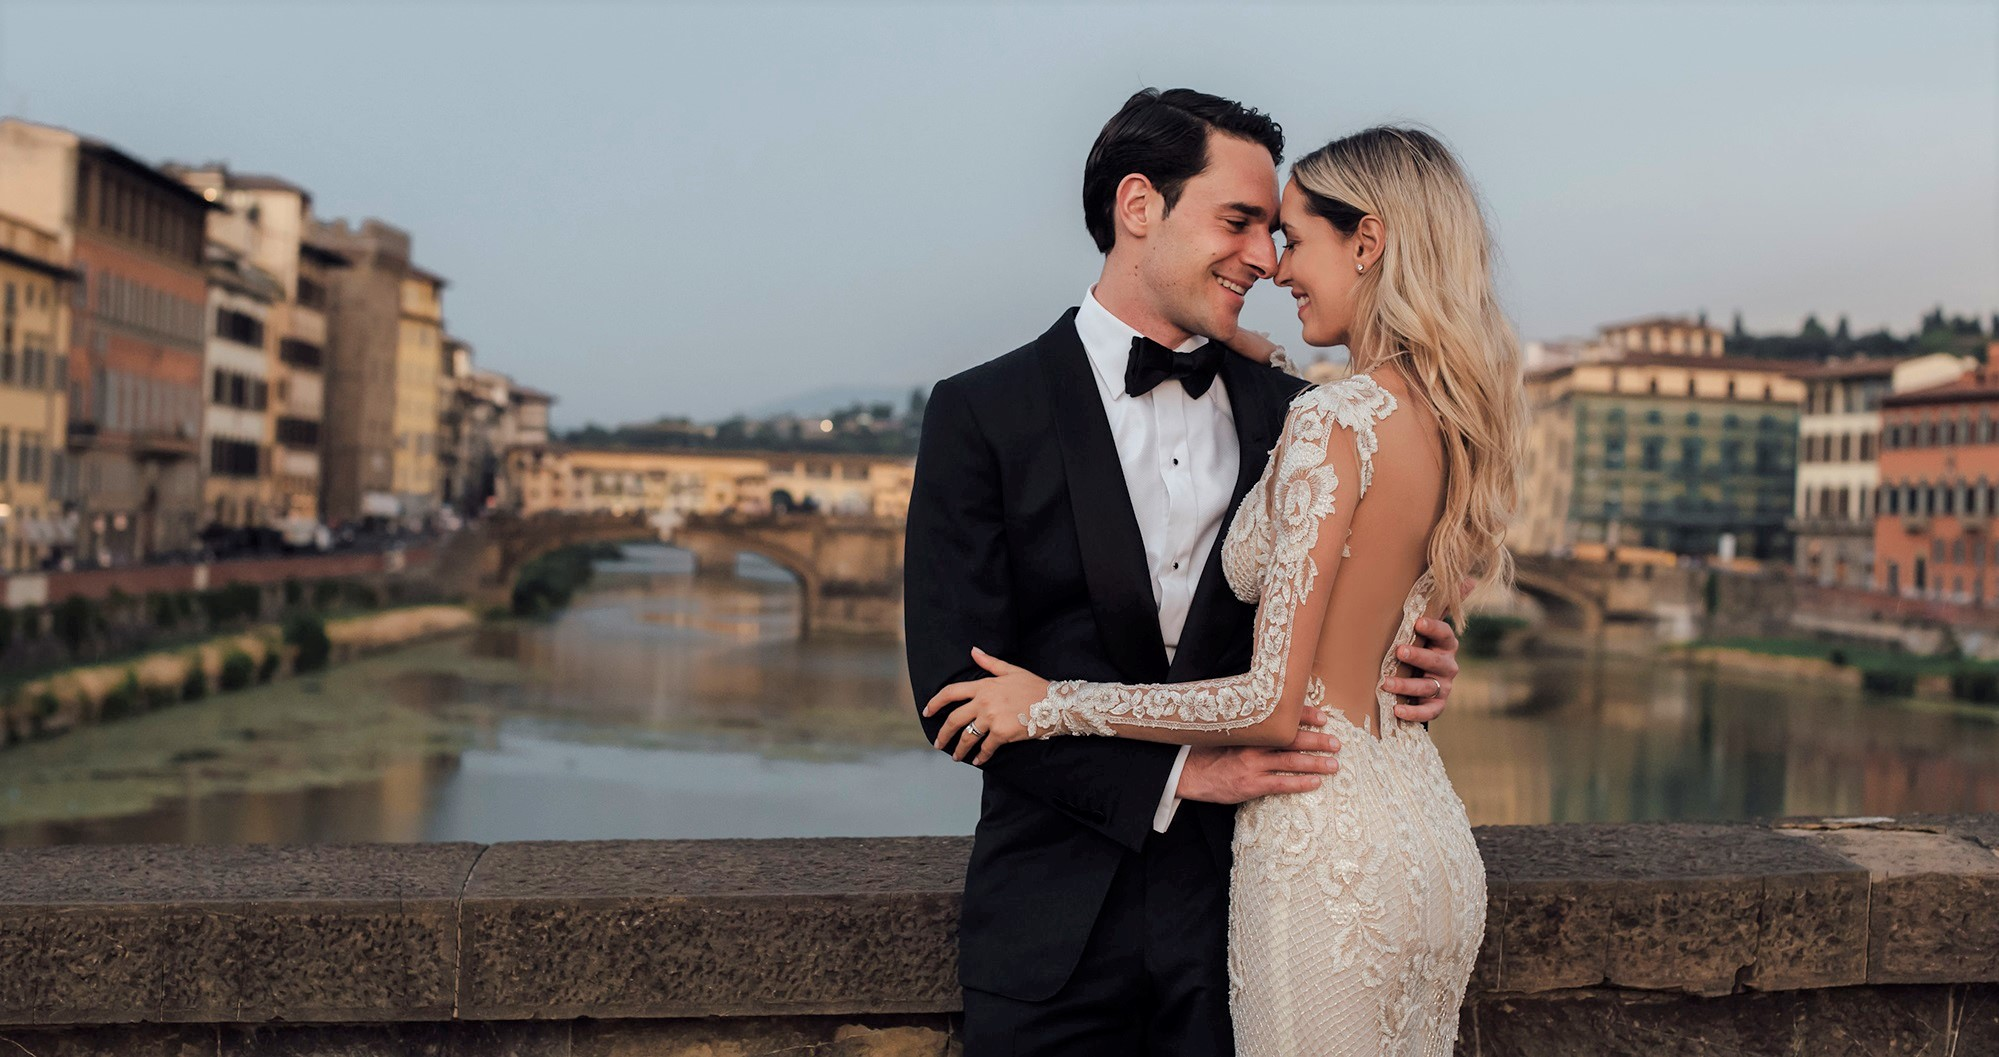 homepage custom weddings image.jpg